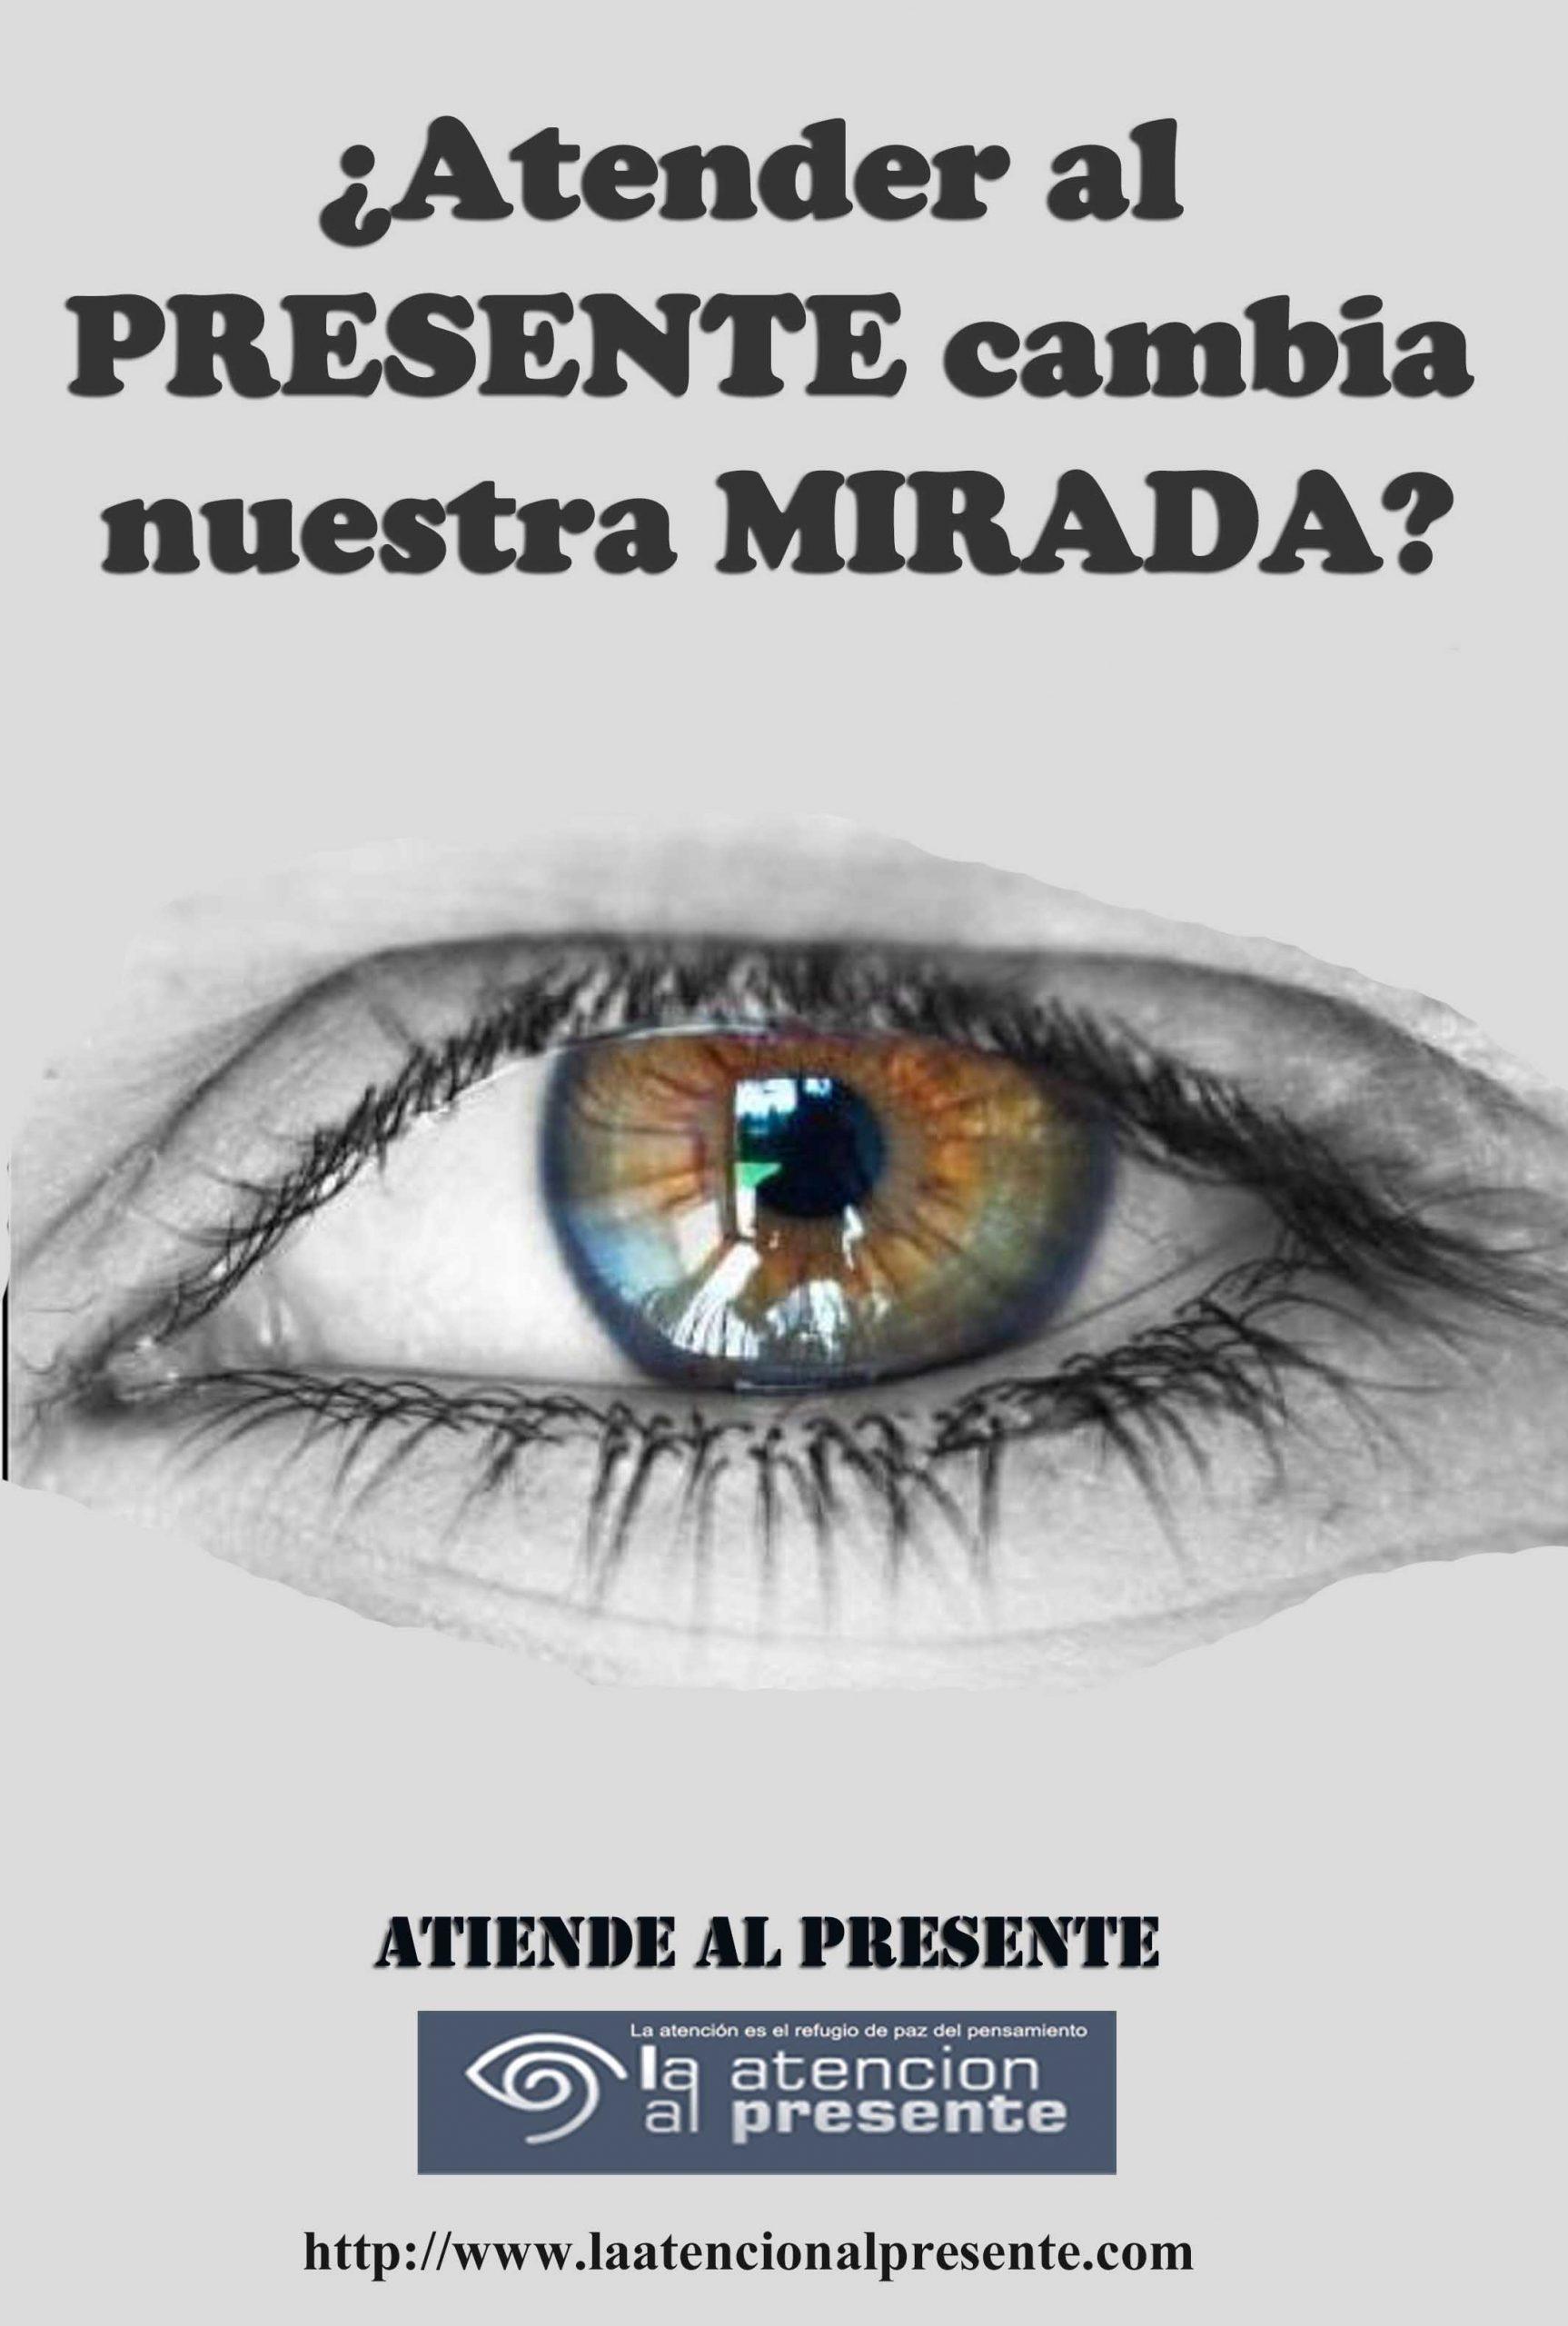 19 de febrero Esteban Atender al PRESENTE cambia nuestra MIRADA min scaled